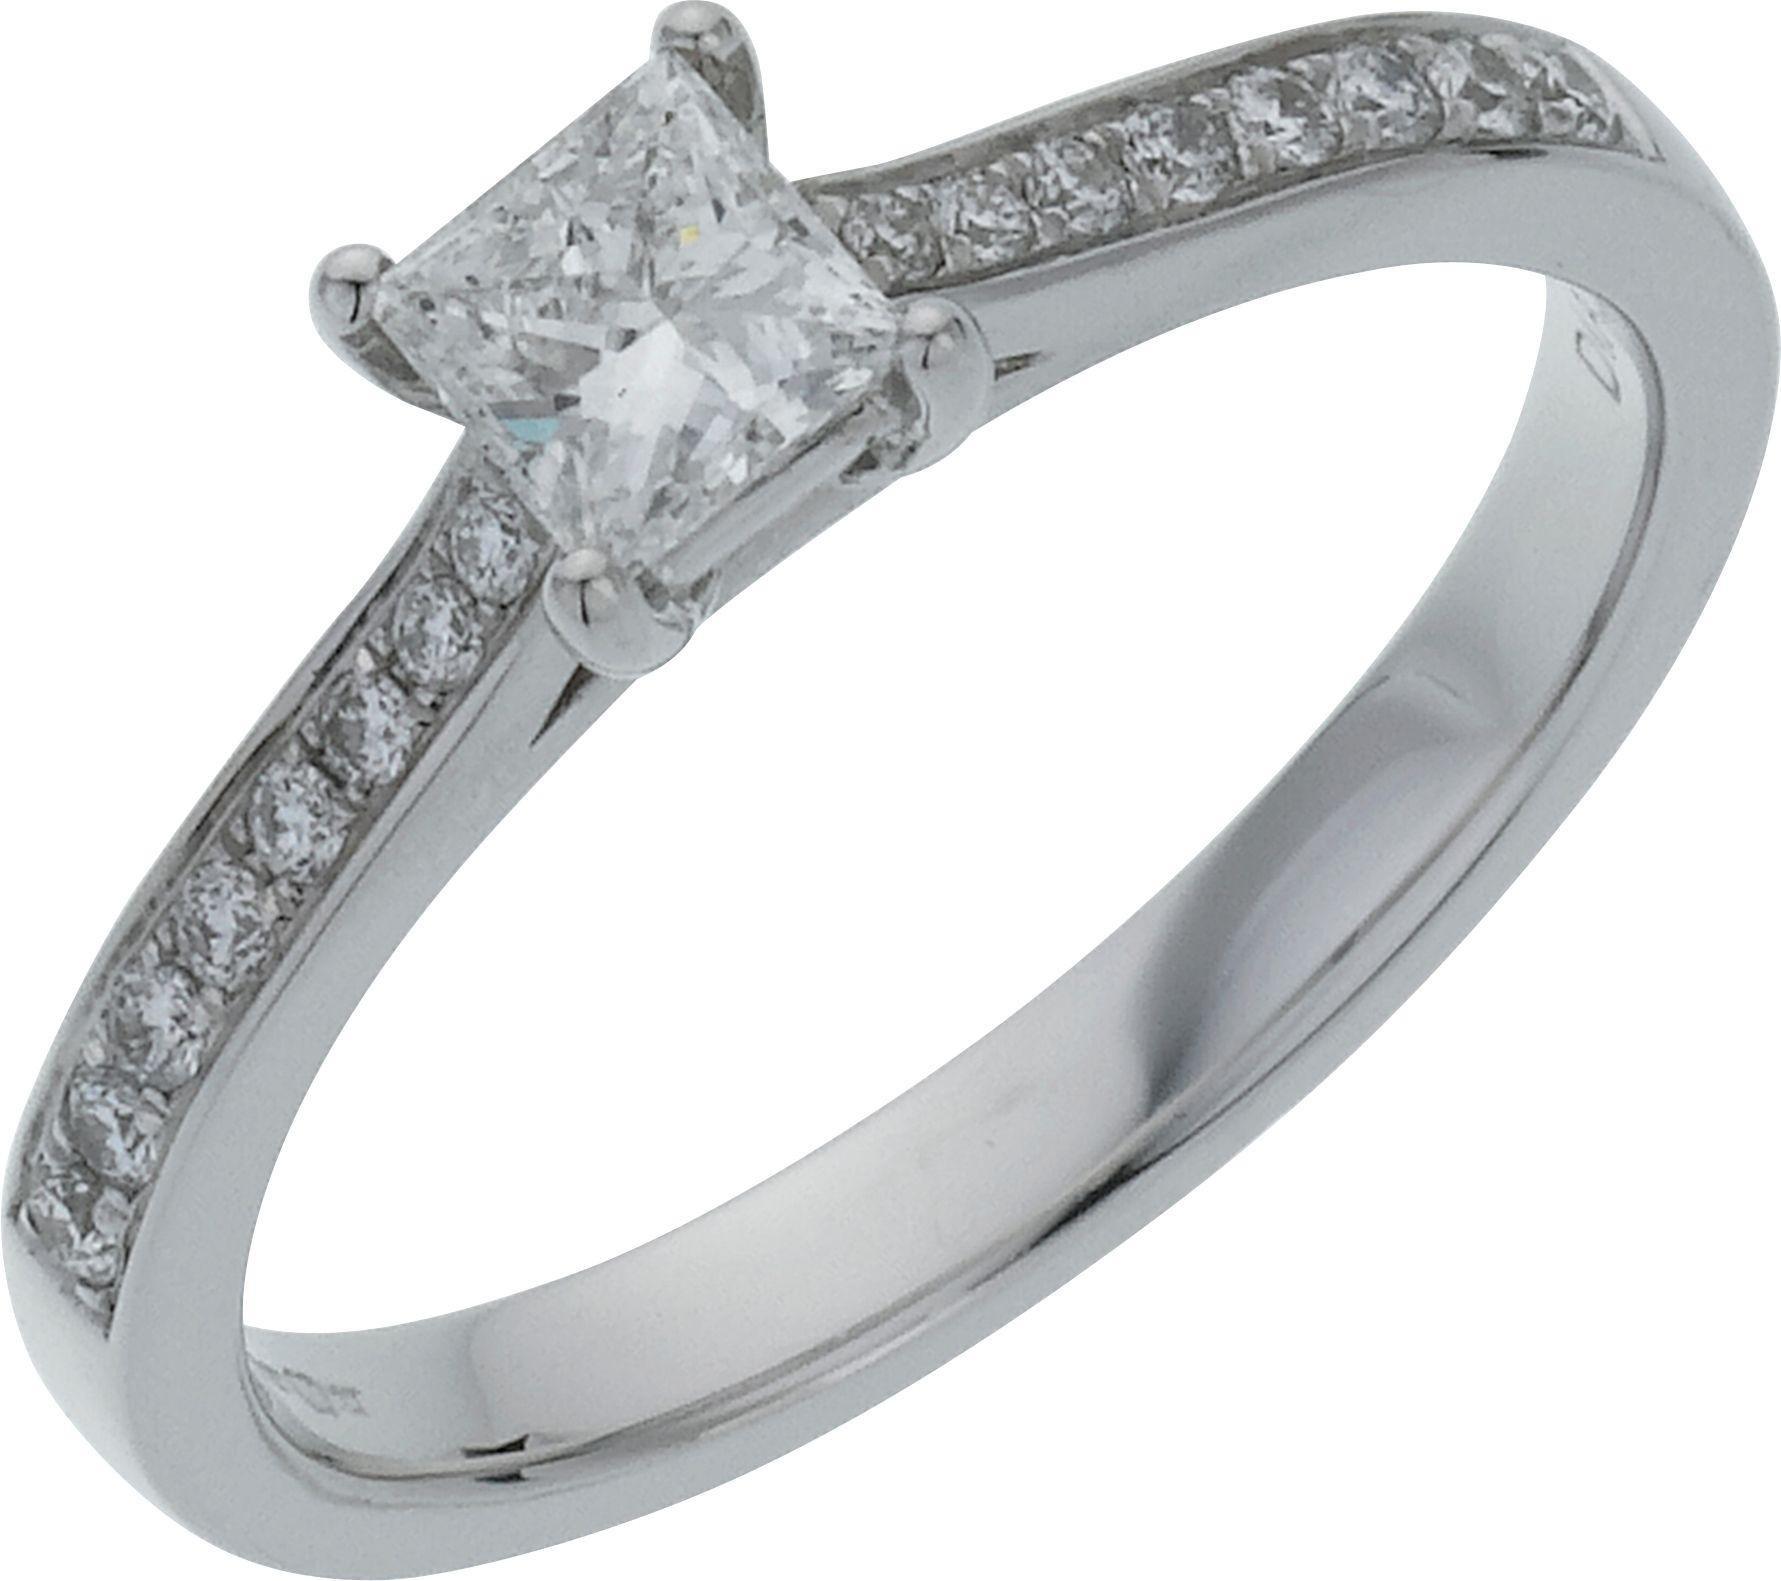 18 Carat White Gold 05 Carat Diamond - Princess Cut Shoulder Ring- P